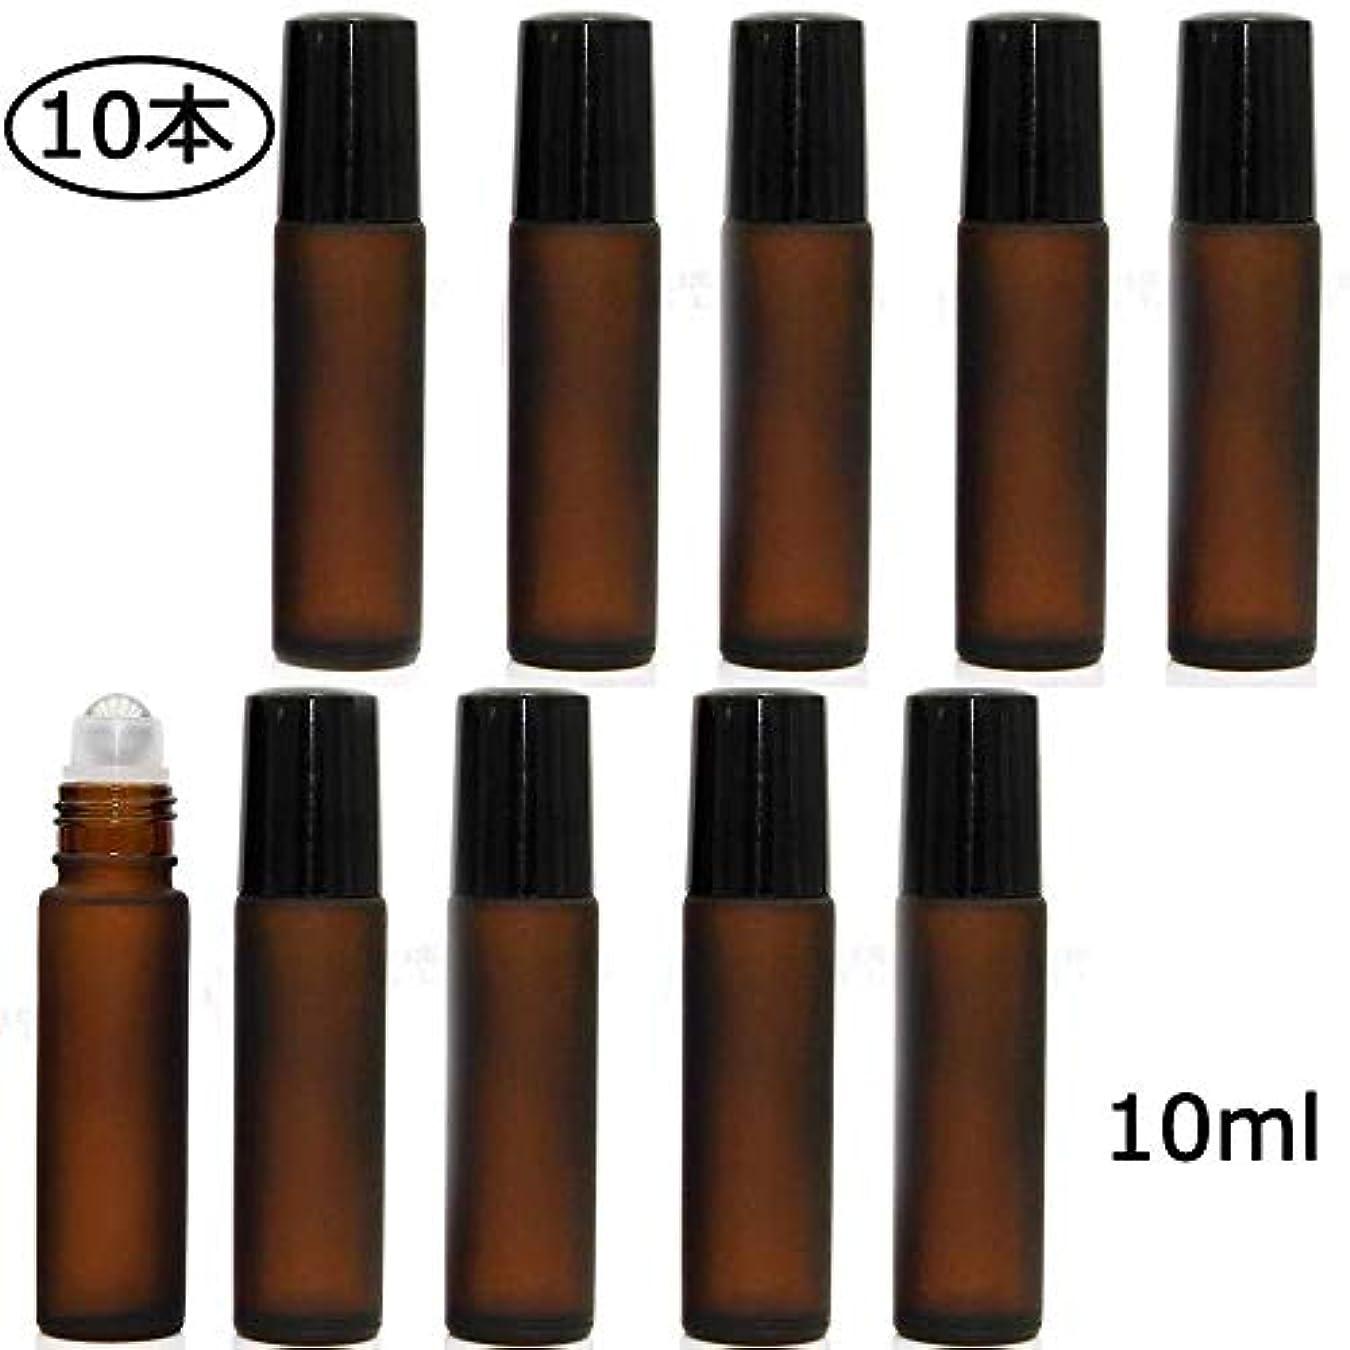 分析プランター可能性Simg ロールオンボトル アロマオイル 精油 小分け用 遮光瓶 10ml 10本セット ガラスロールタイプ (茶色)